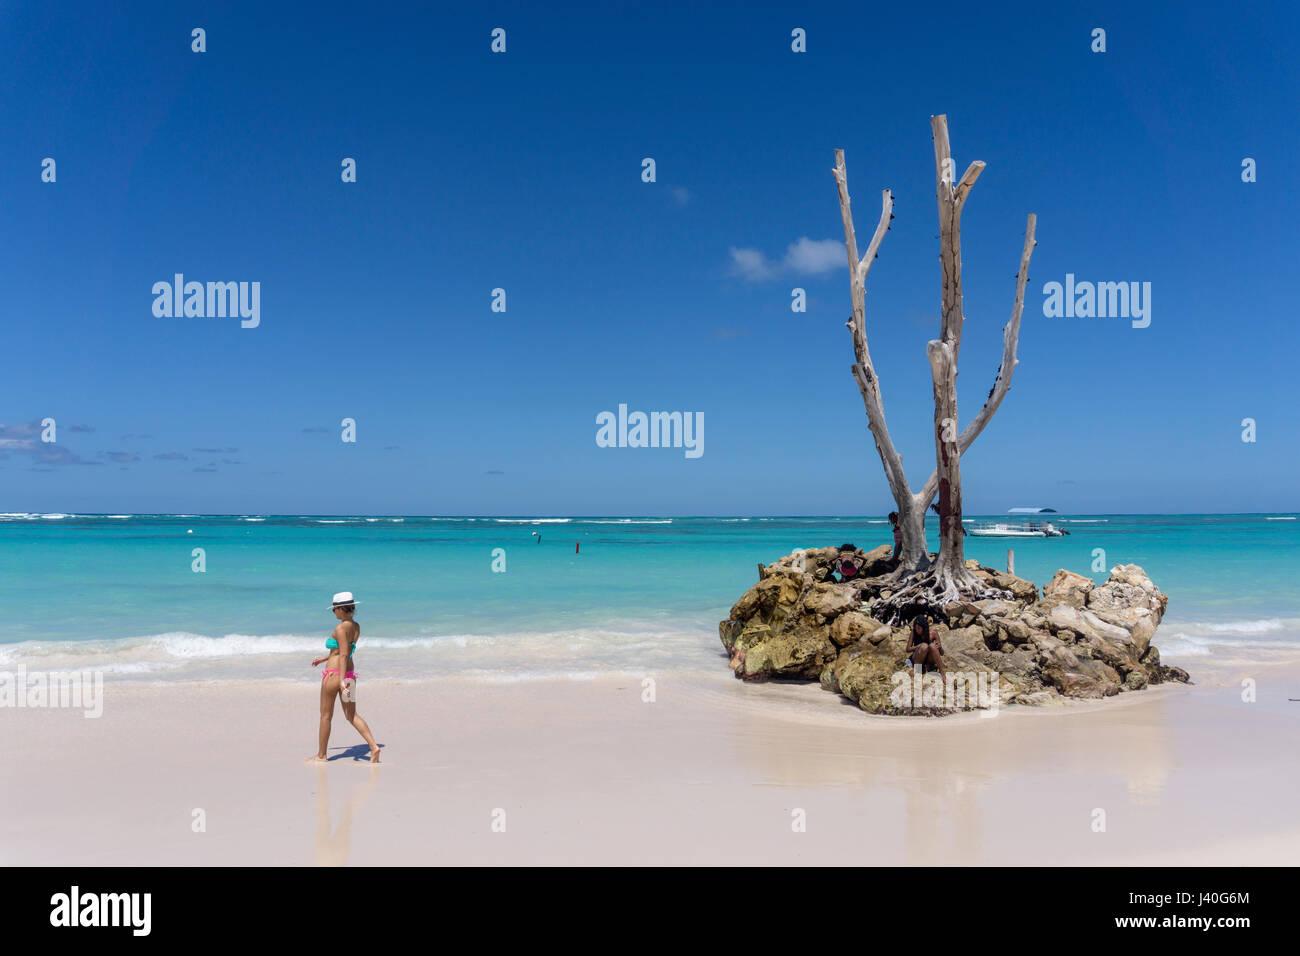 Mujer con sombrero, Palm Beach, Playa Bávaro, Punta Cana, República Dominicana, El Caribe Imagen De Stock